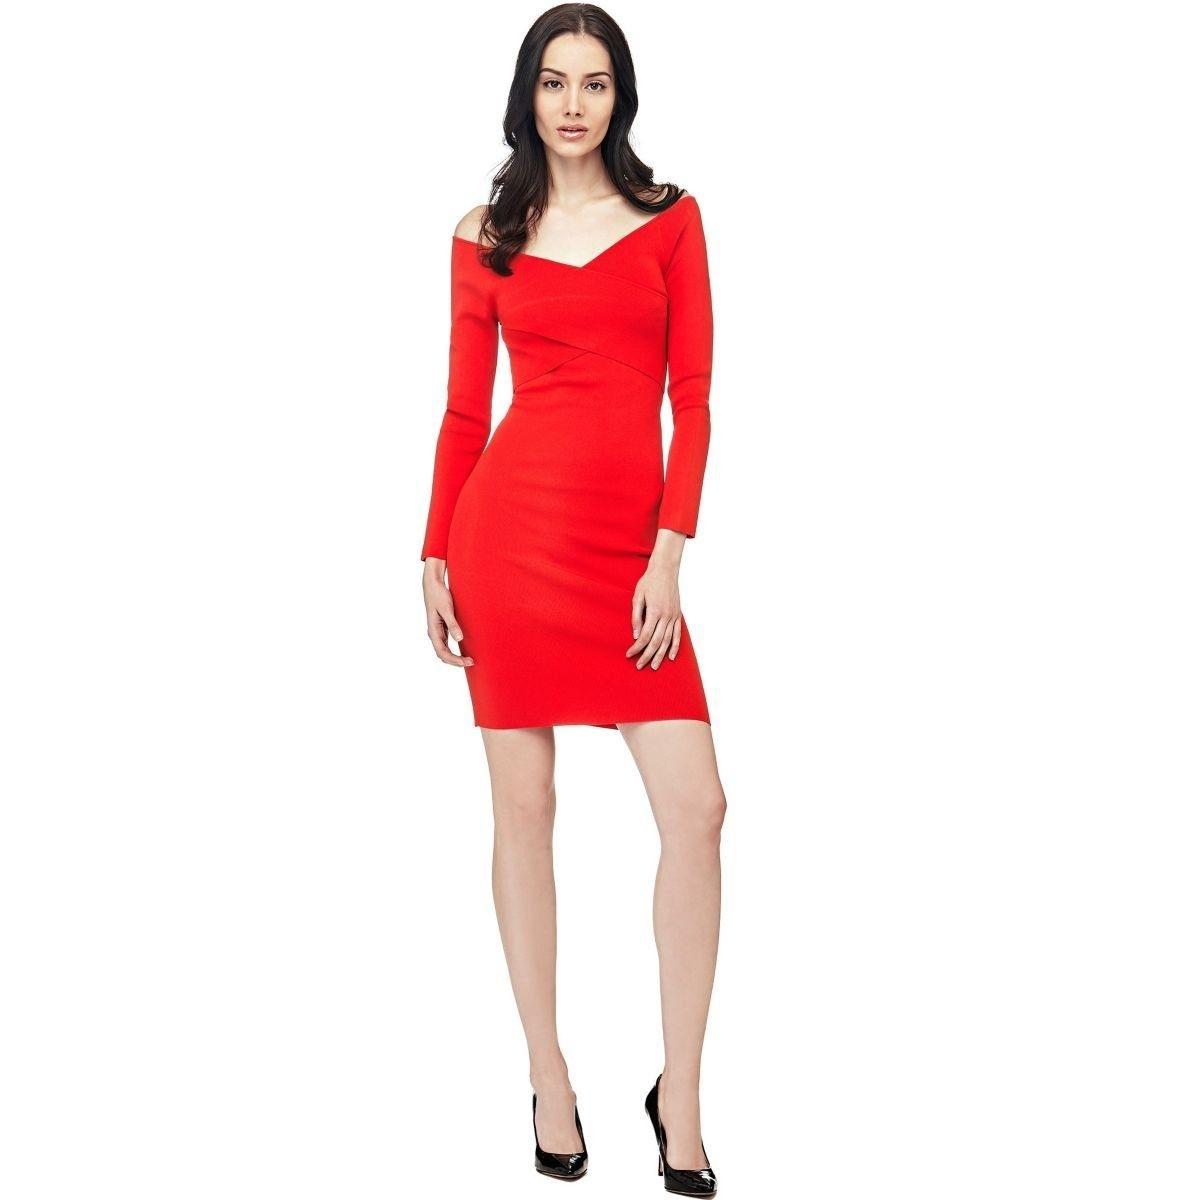 17 Perfekt Damen Kleider Rot Bester Preis10 Schön Damen Kleider Rot Vertrieb